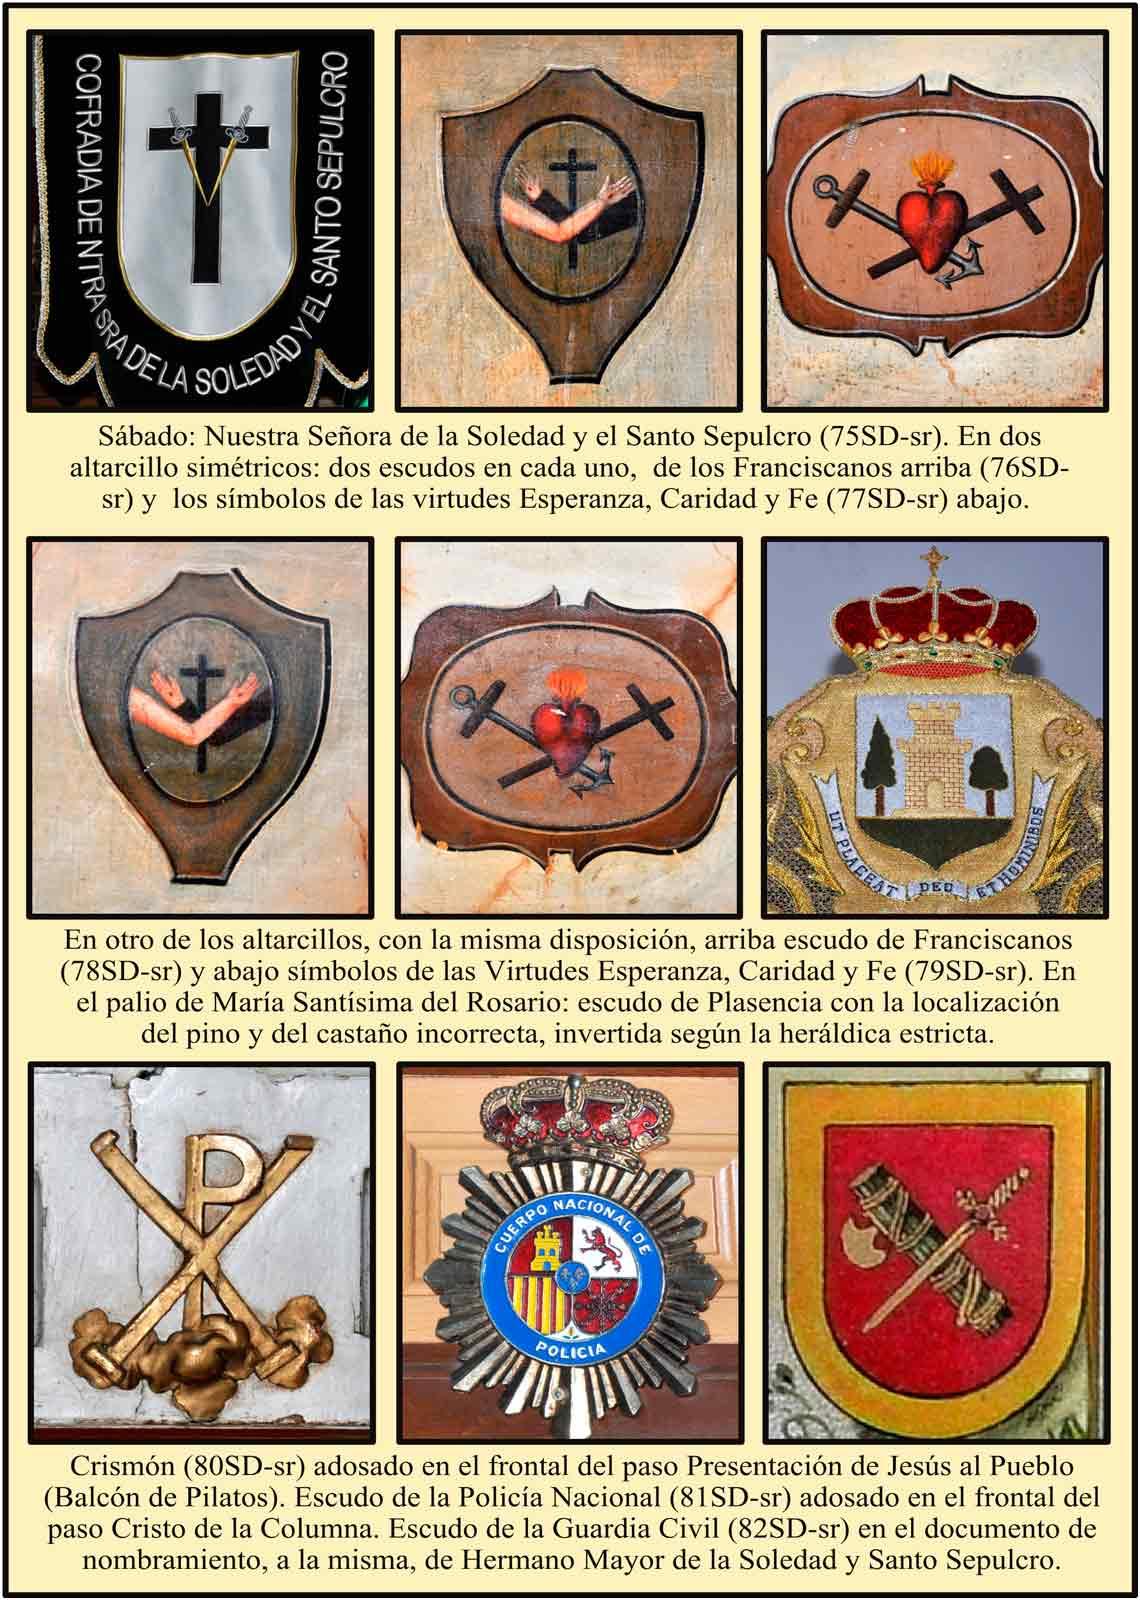 Escudos y simbolos en los pasos de la semana santa de Plasencia